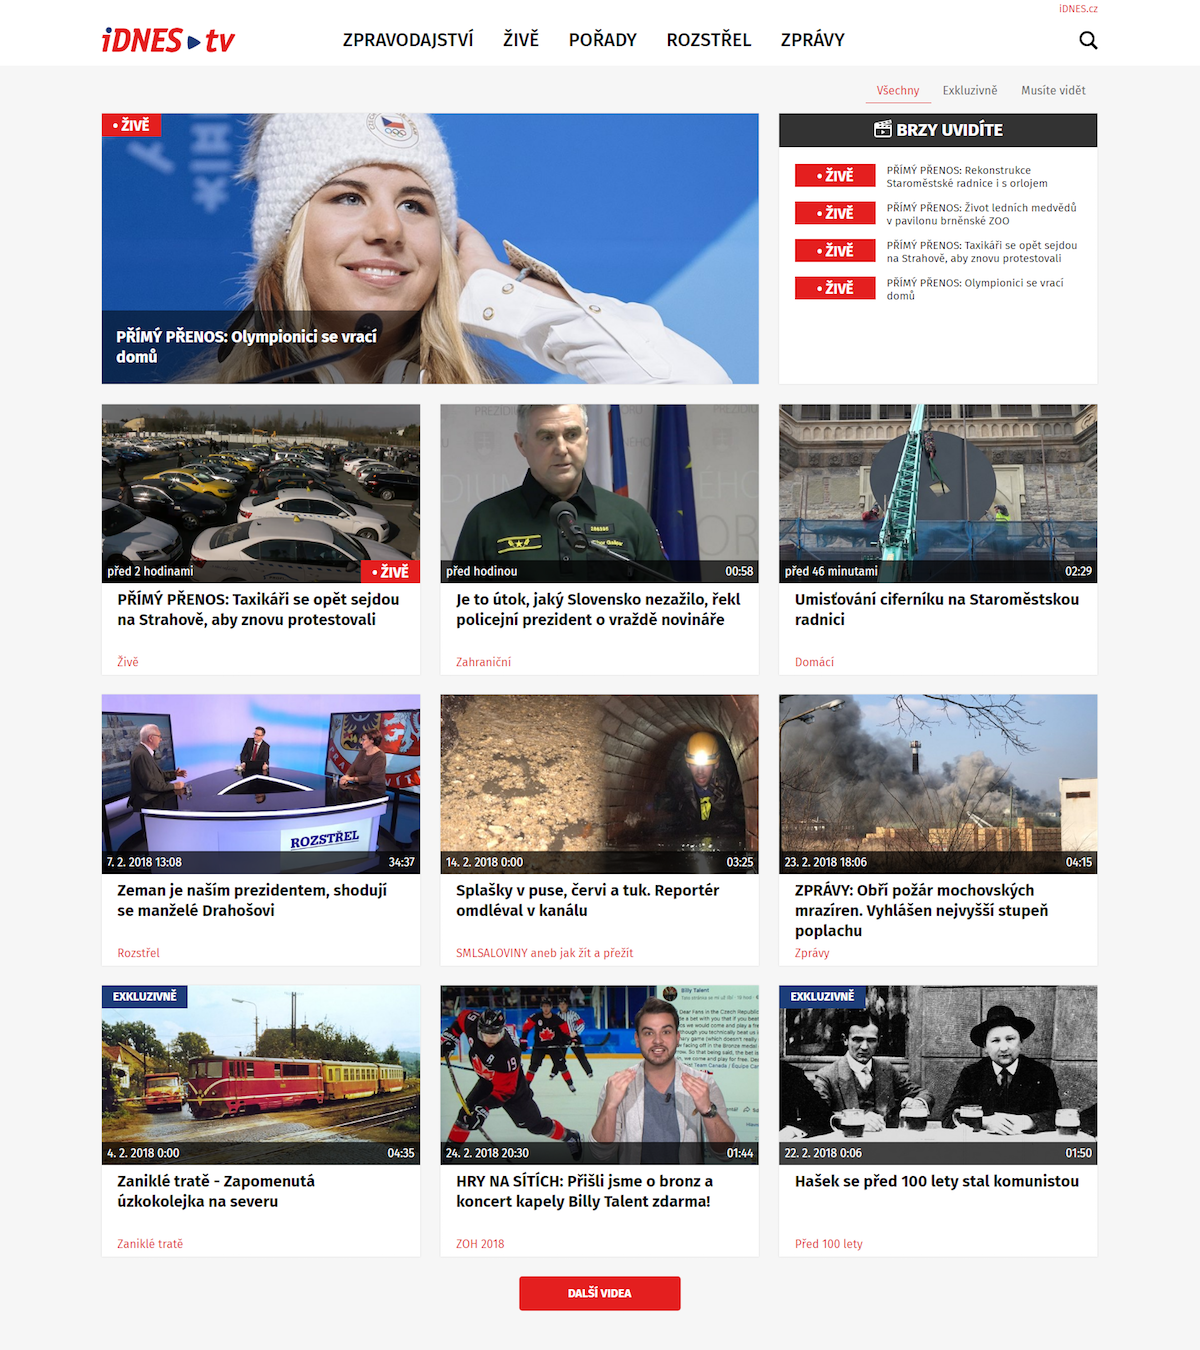 iDnes.tv